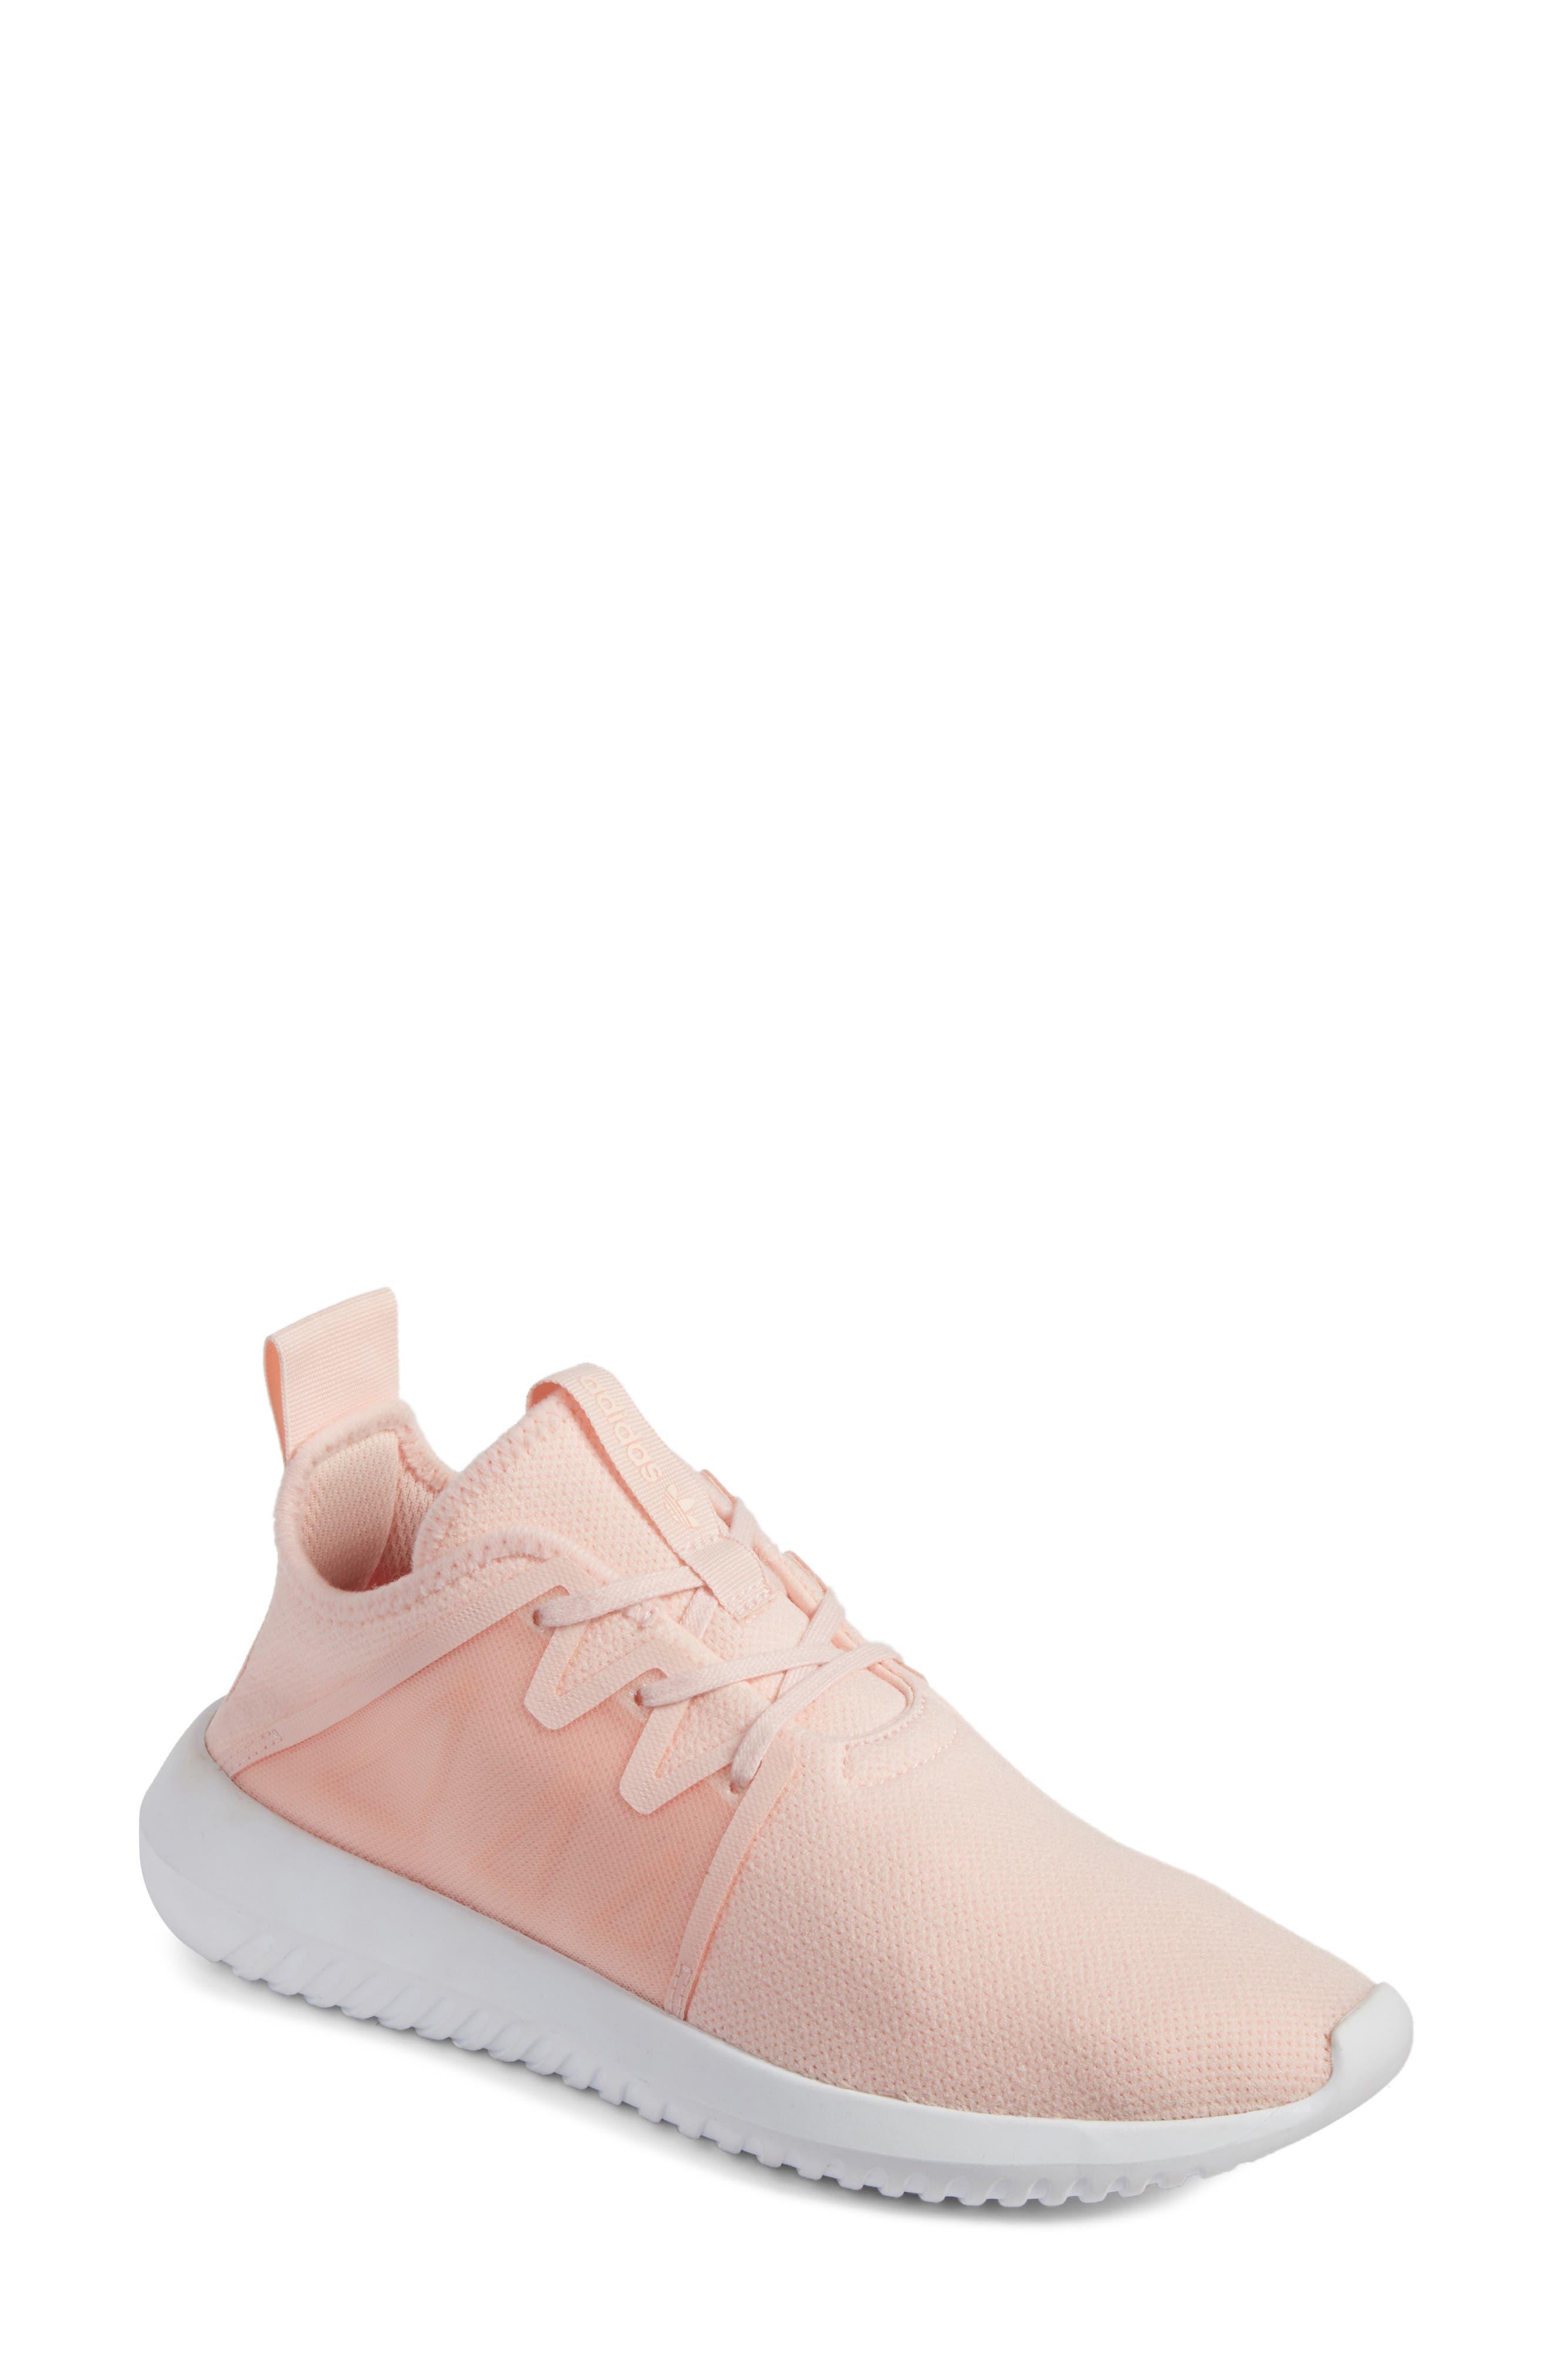 Main Image - adidas Tubular Viral 2 Sneaker (Women)